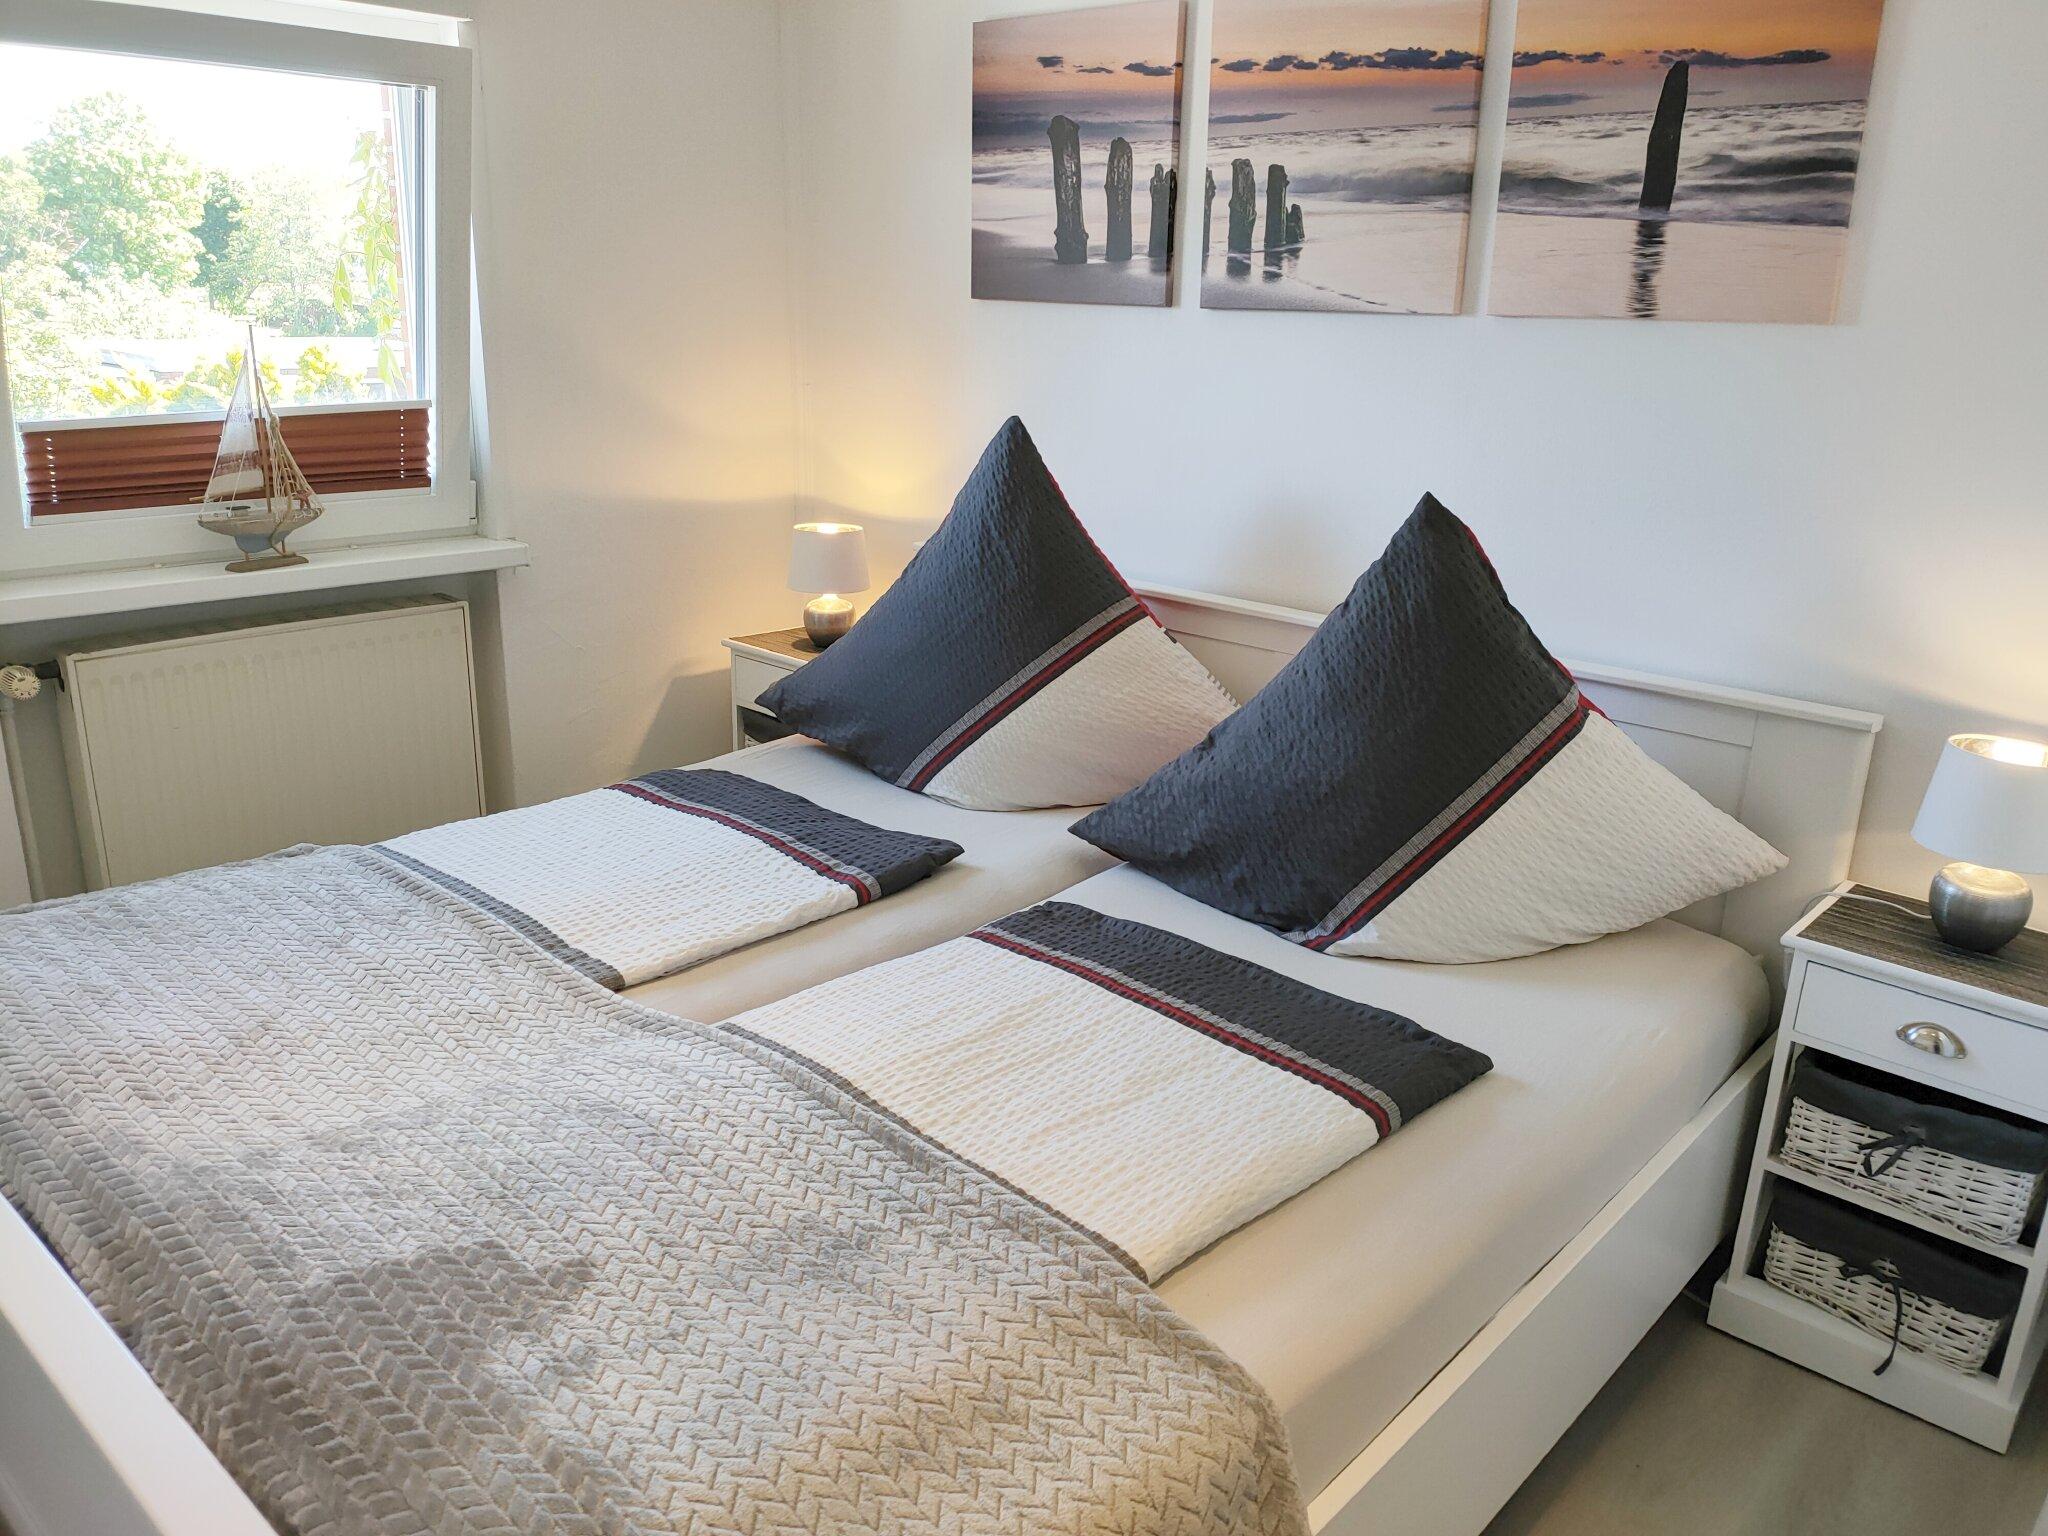 zu den nordseeinseln ii ferienwohnung s deroog in norddeich niedersachsen gisela liebetrau. Black Bedroom Furniture Sets. Home Design Ideas